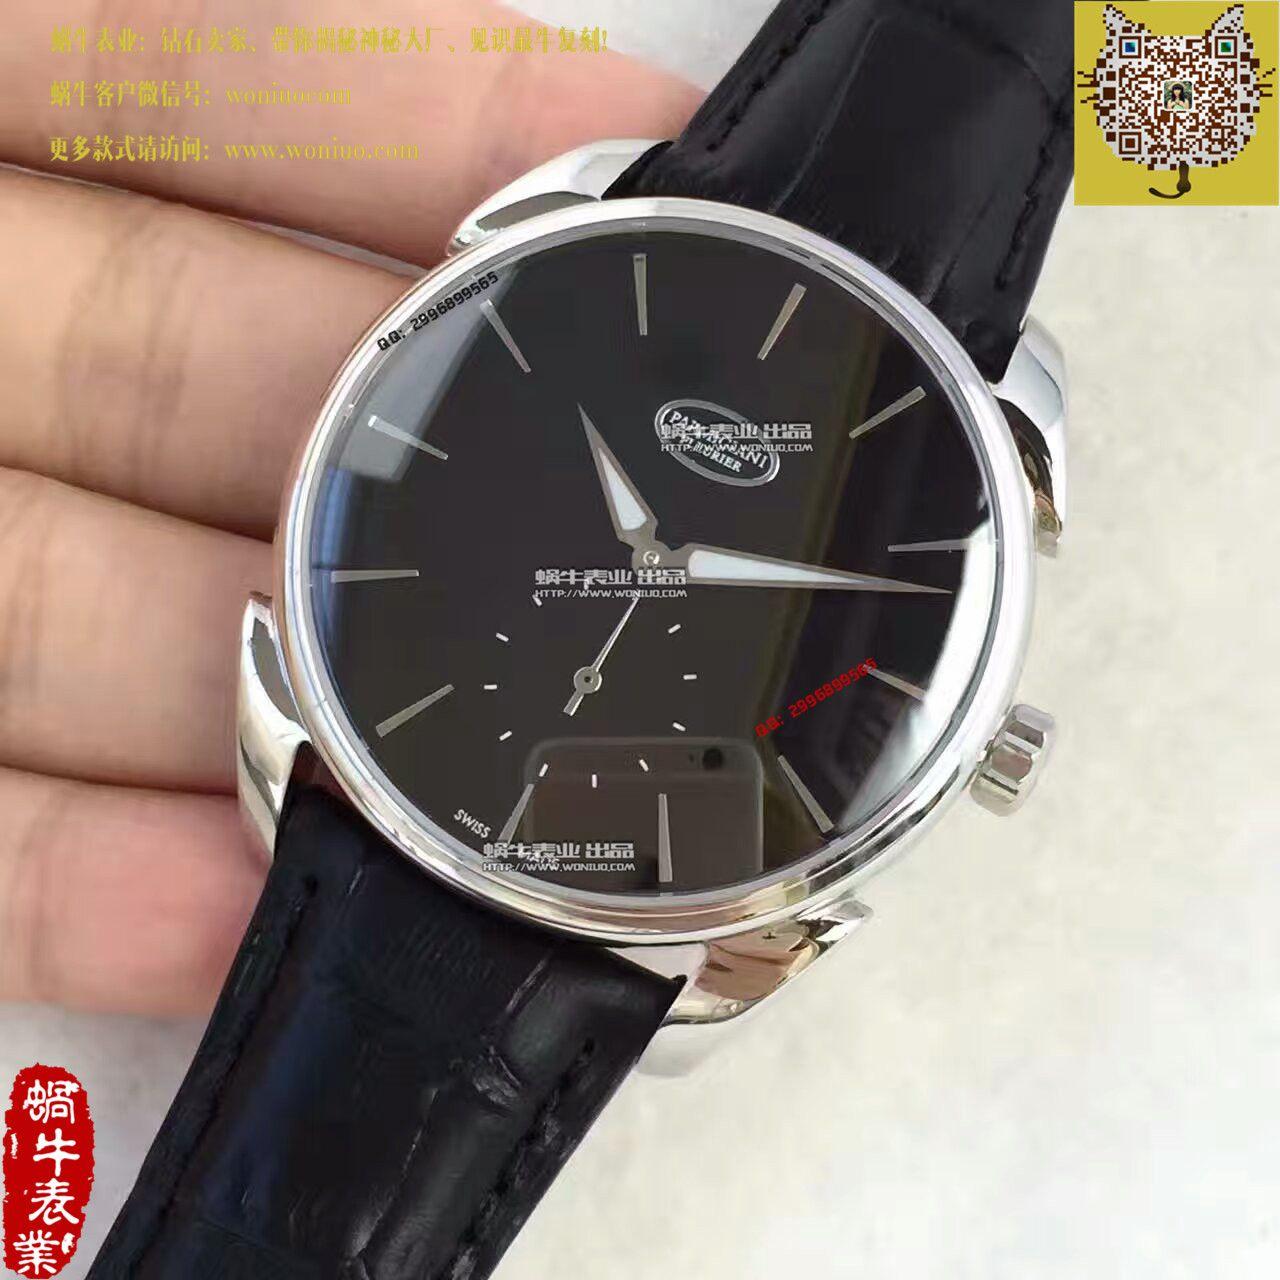 【一比一高仿手表】帕玛强尼Tonda系列PFC267-1200300-HA1441腕表